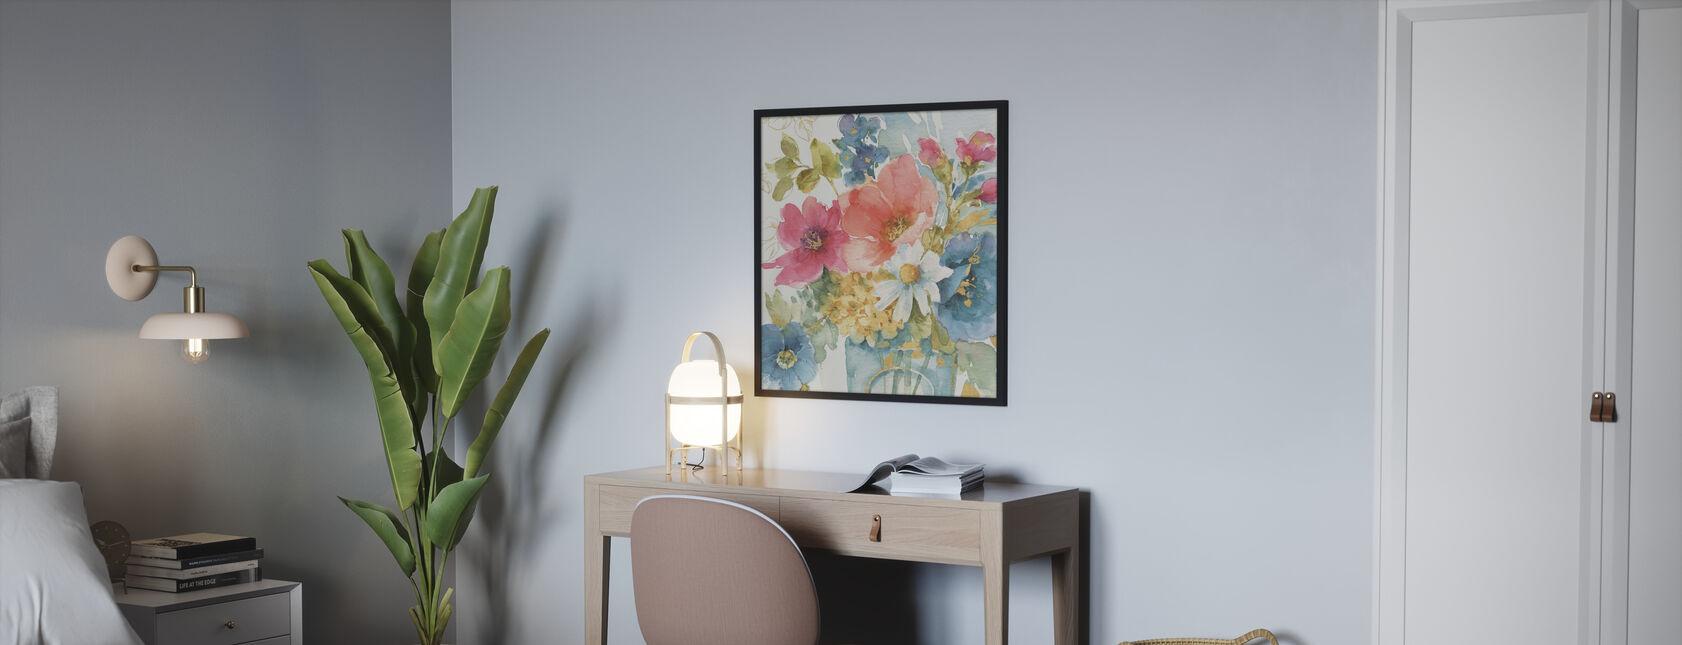 Mein Garten Blumenstrauß - Gerahmtes bild - Schlafzimmer